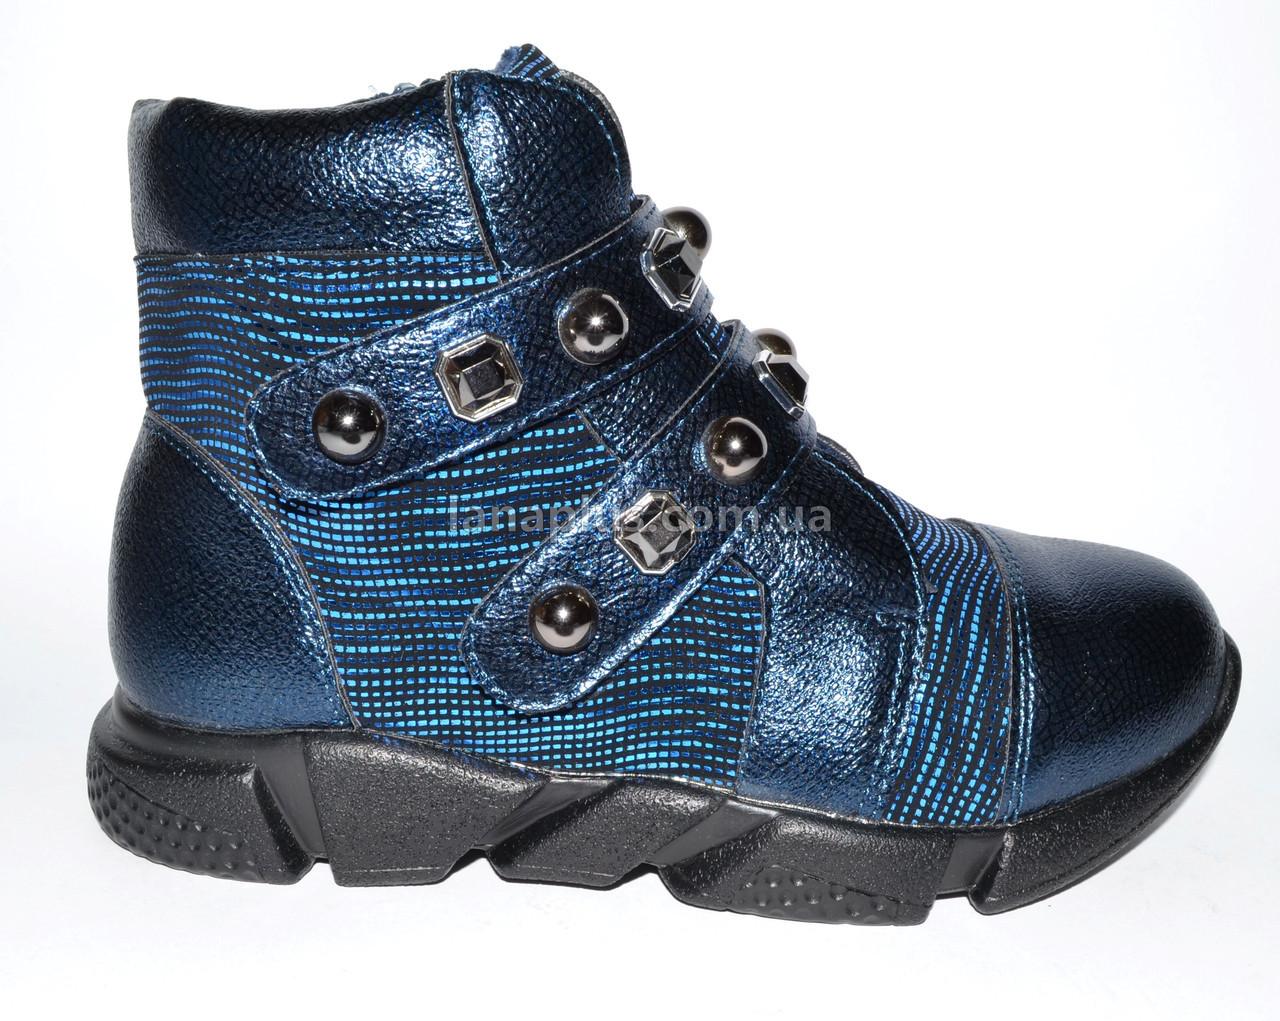 Демисезонные ботинки для девочки, 33 размер (20.7 см), на флисе